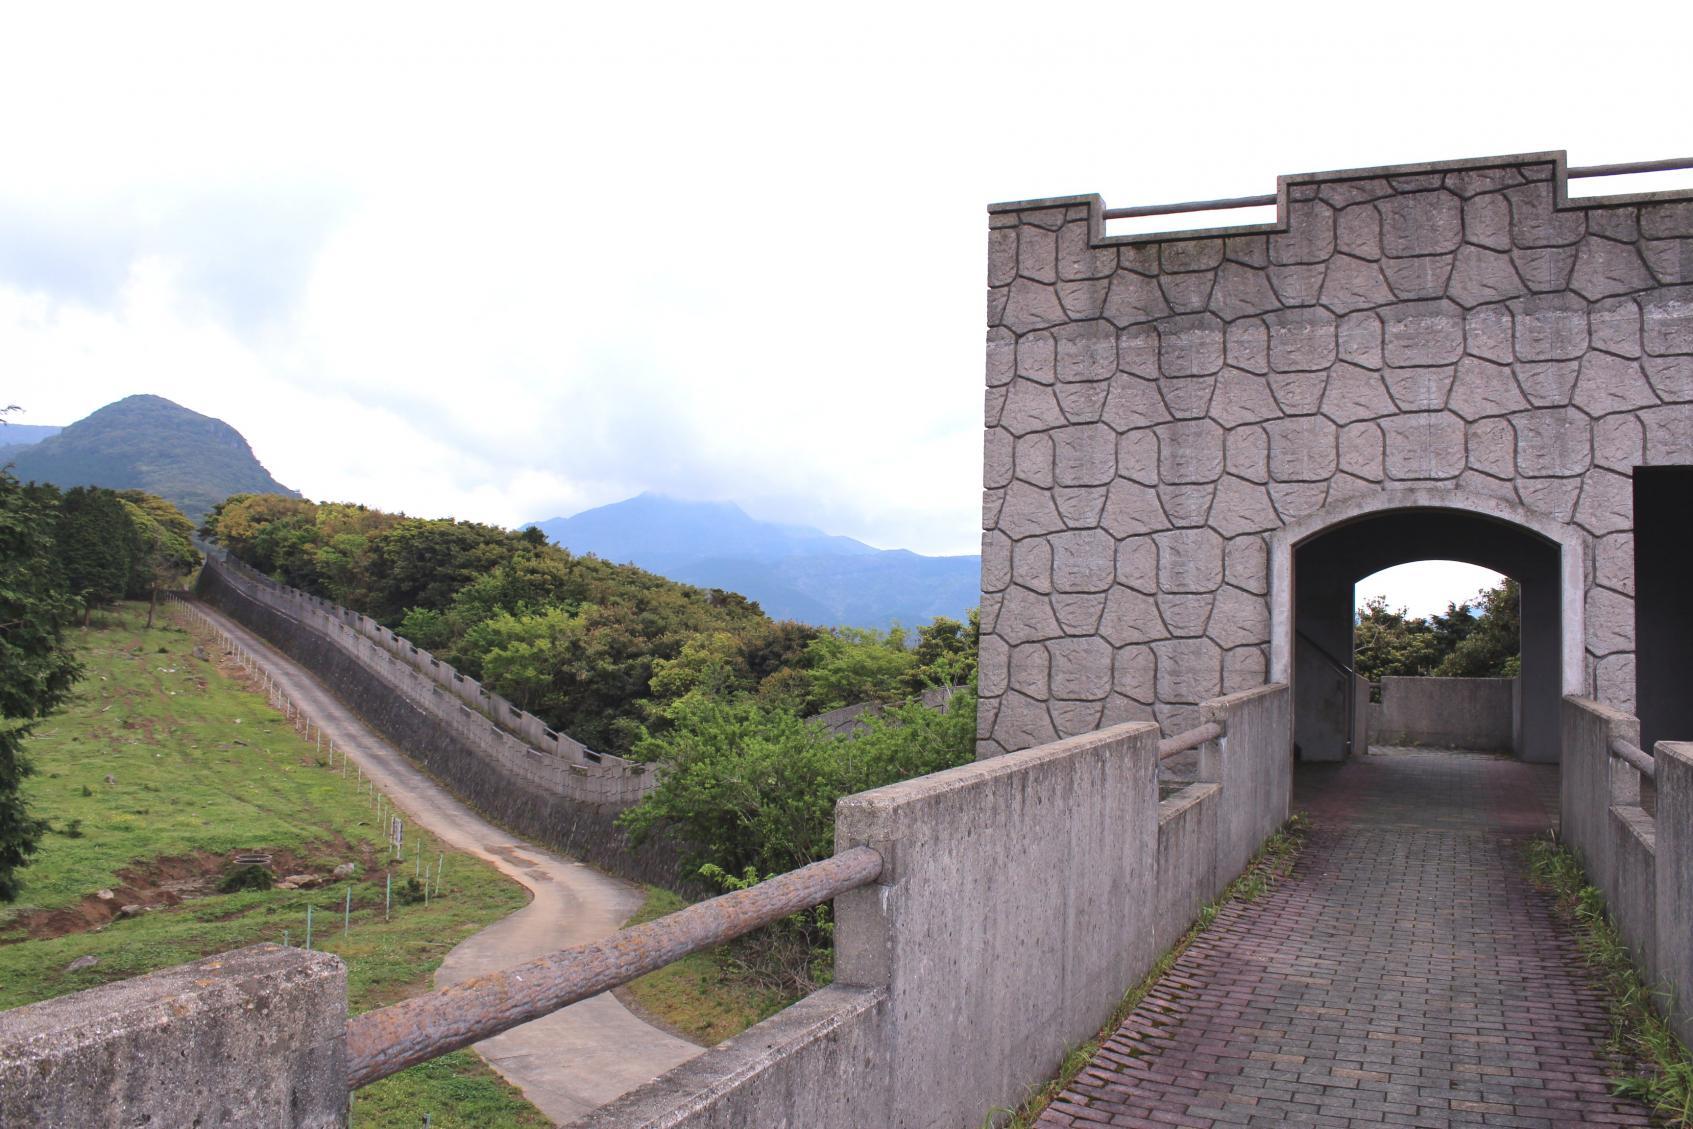 長崎の珍スポット「万里の長城」-1